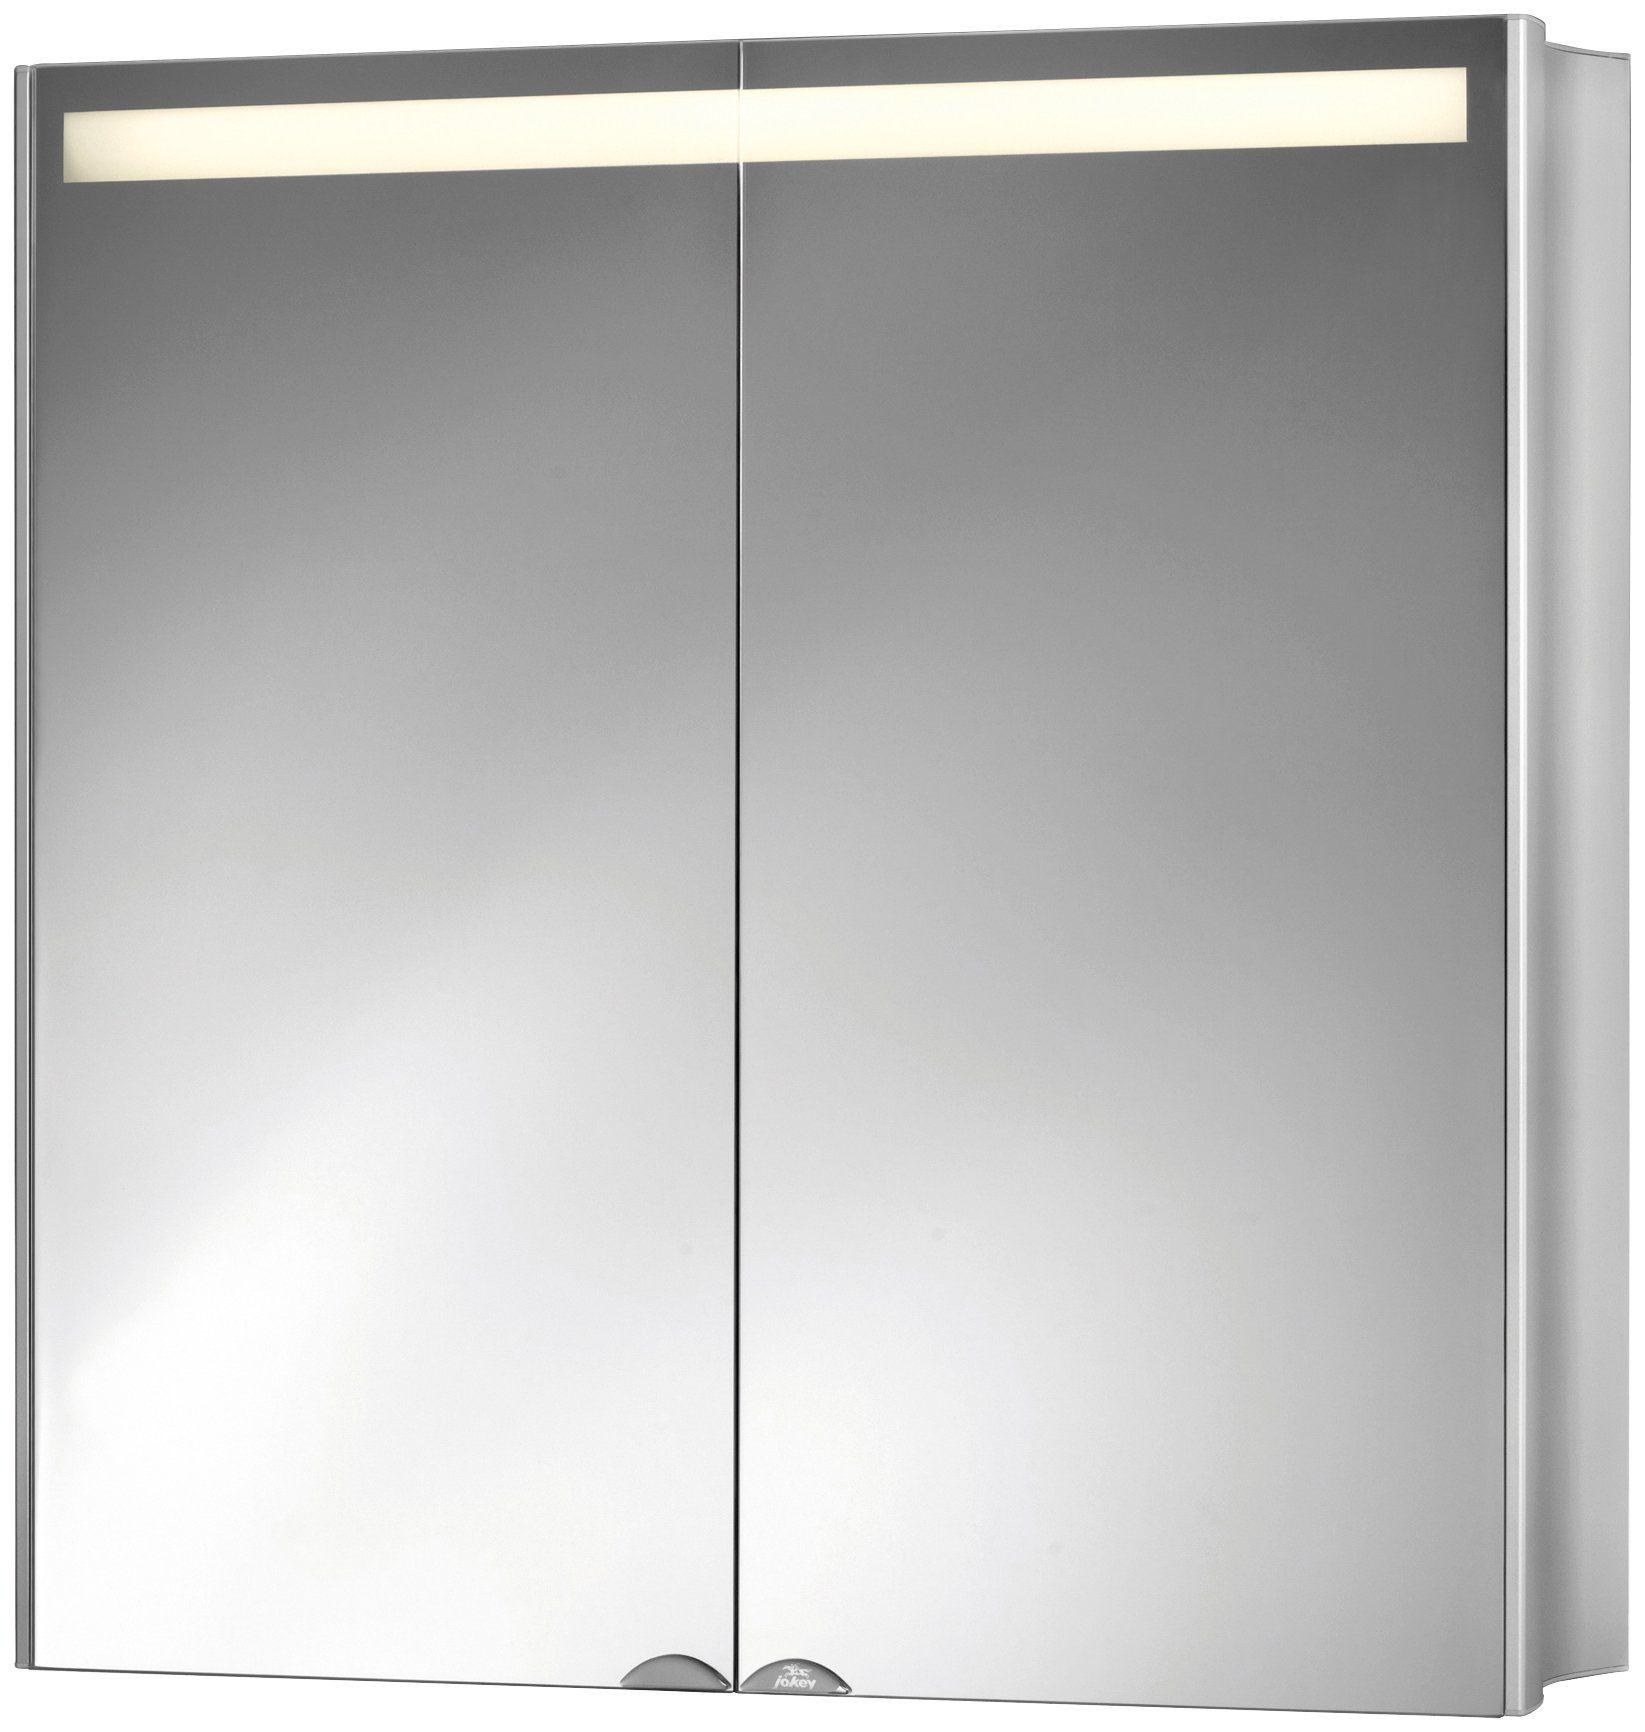 Spiegelschrank »Aluwave« Breite 66,5 cm, mit LED-Beleuchtung